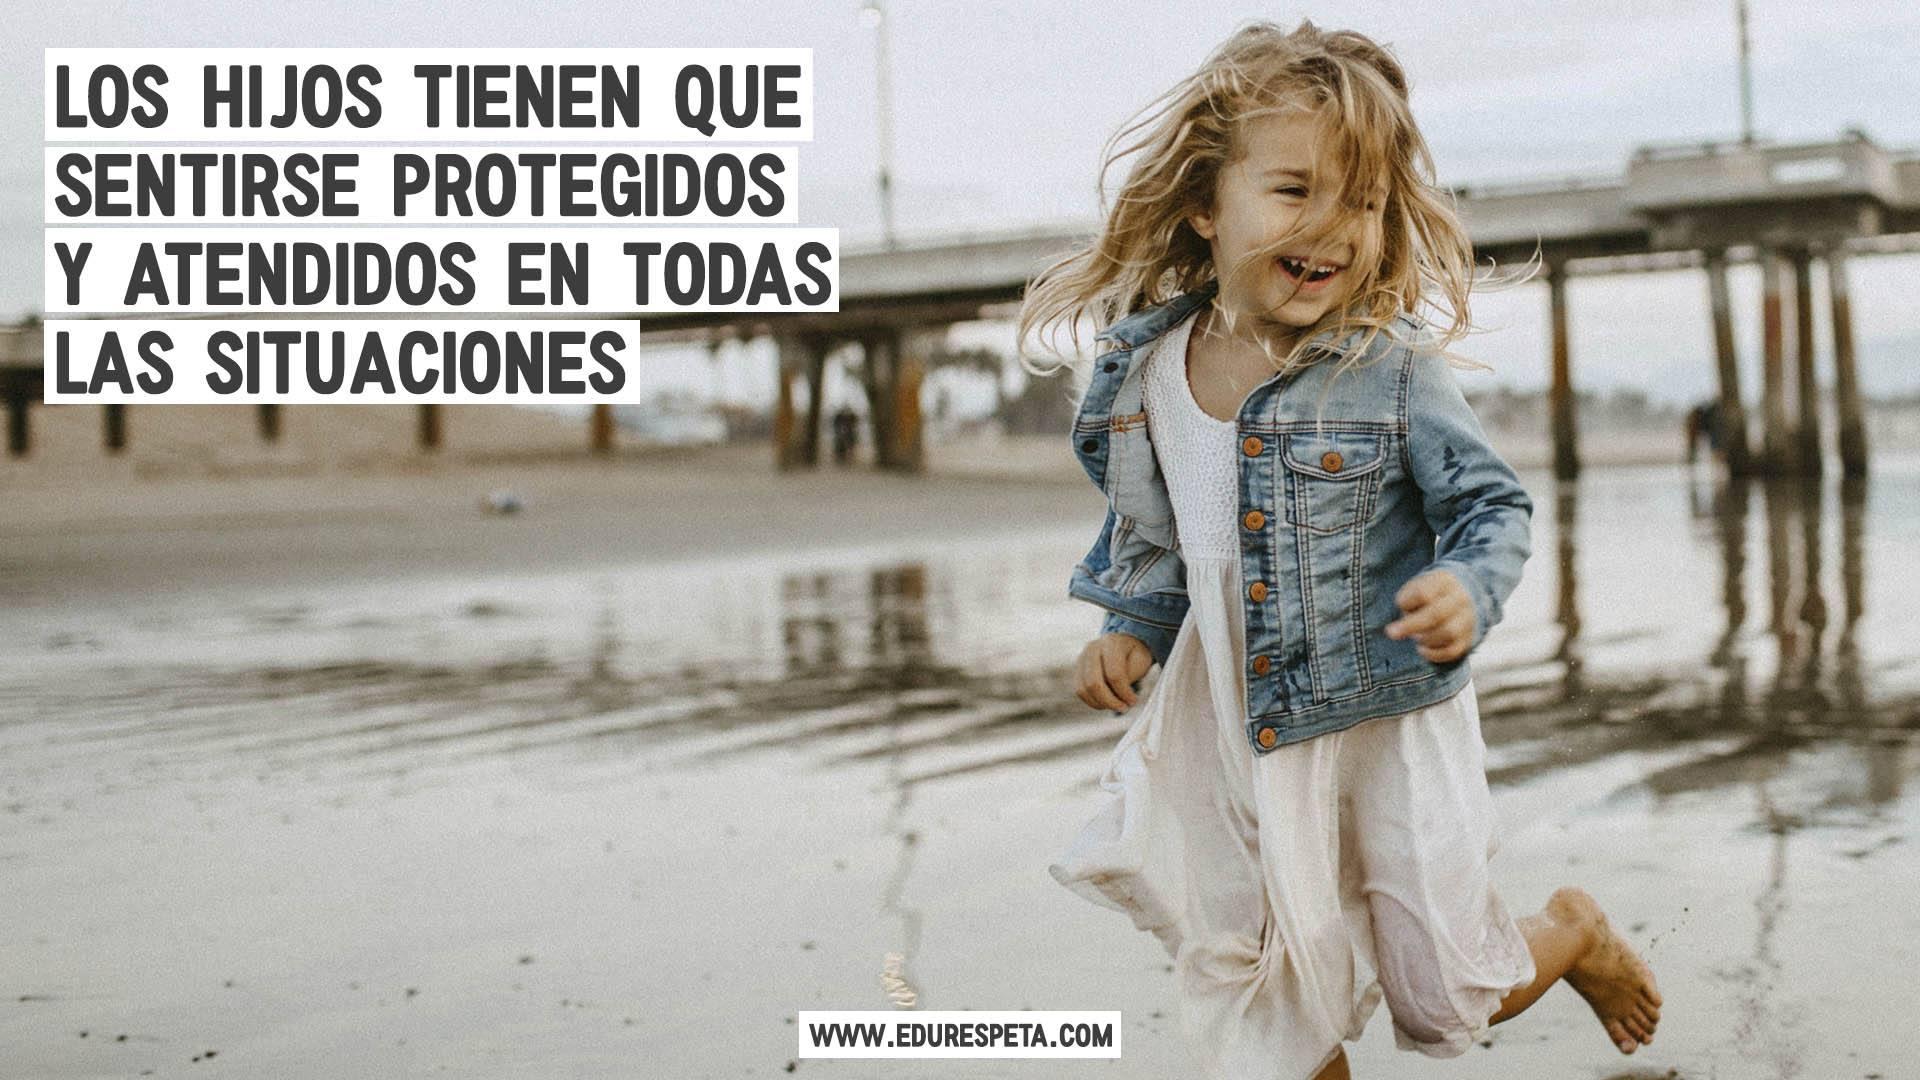 Los hijos tienen que sentirse protegidos y atendidos en todas las situaciones